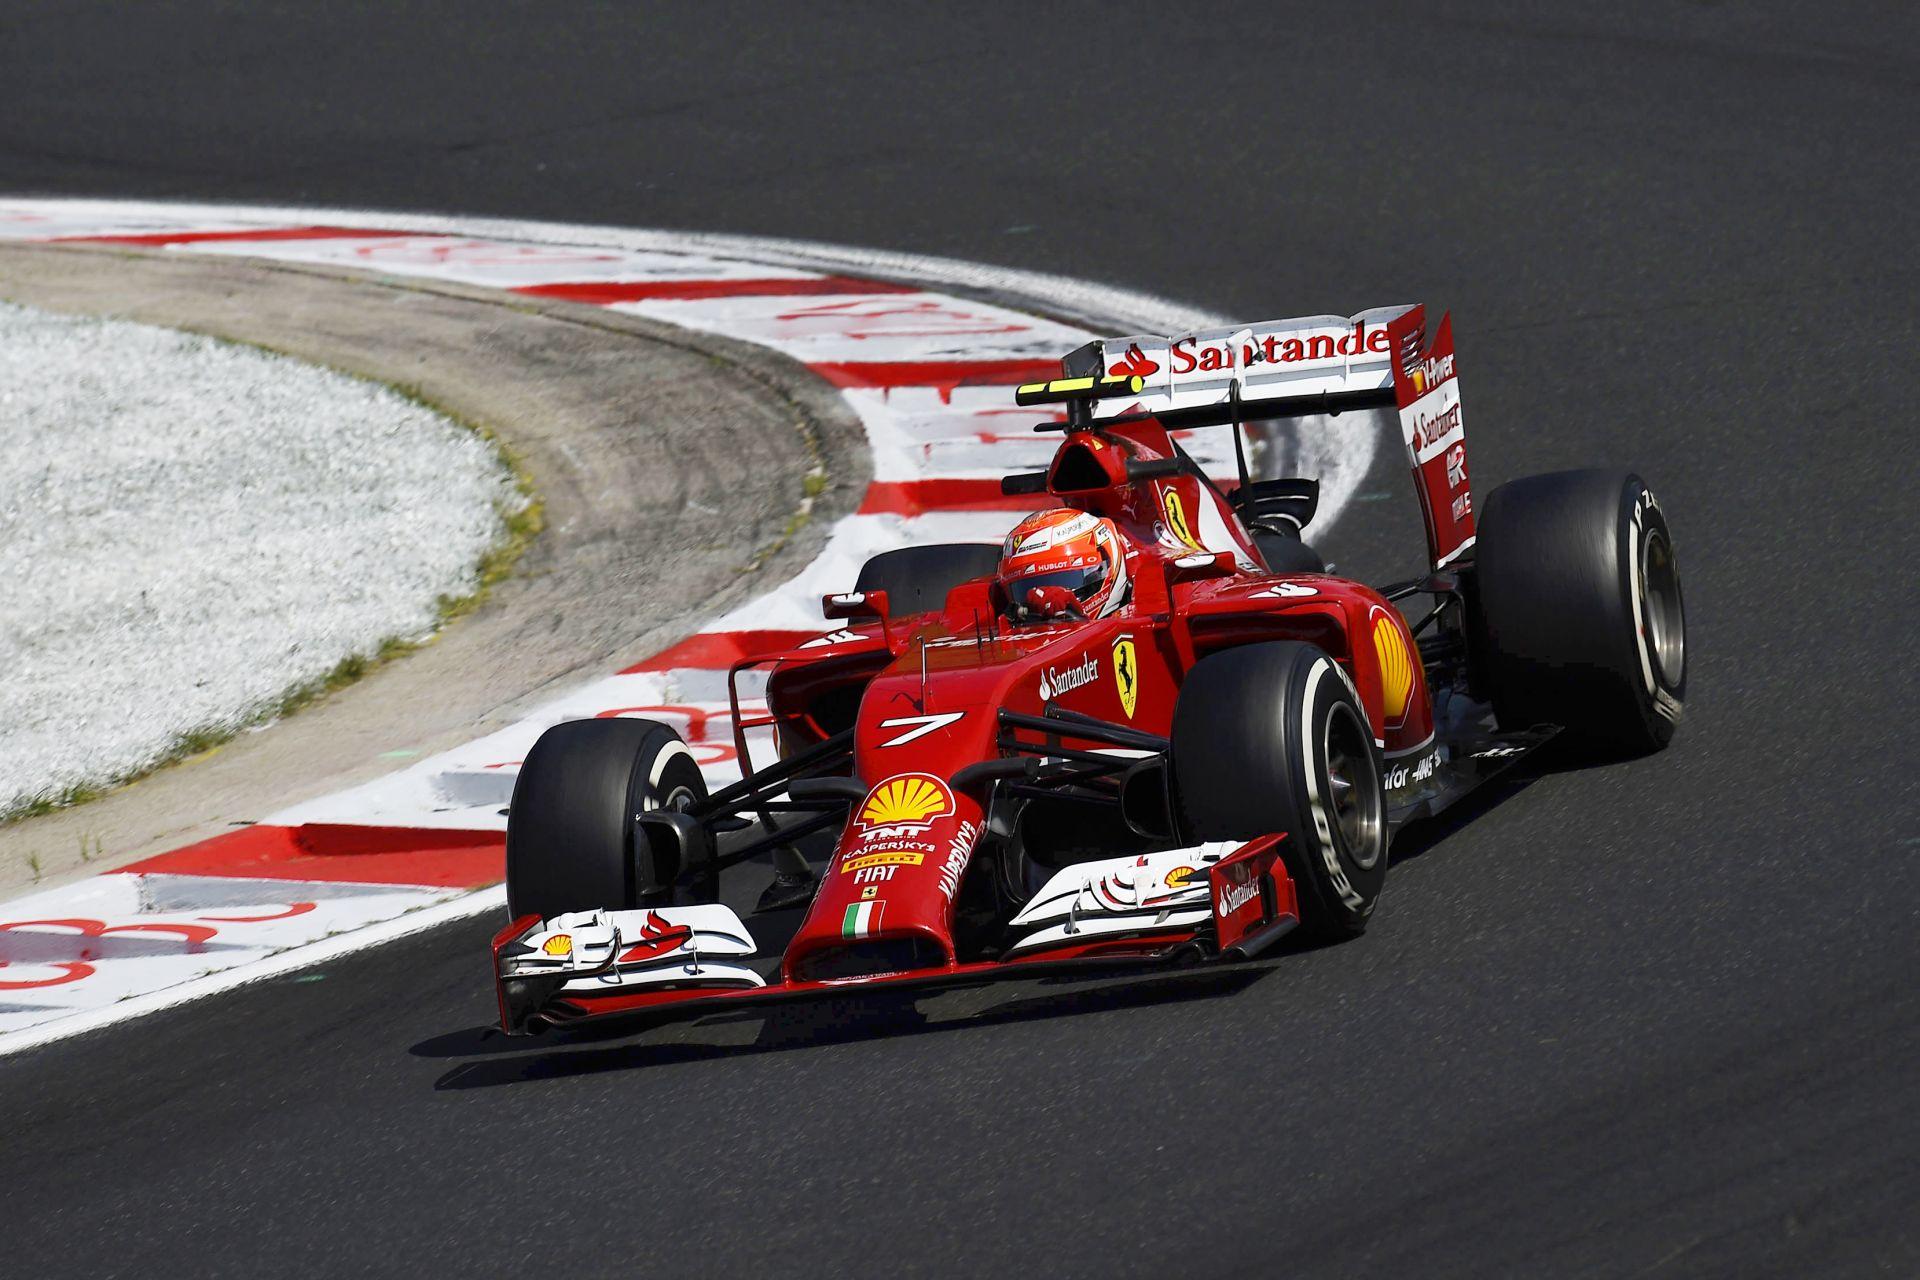 Raikkönen apró lépésekben halad előre a Ferrarinál, ami nem túl jó, de jobb, mint a semmi